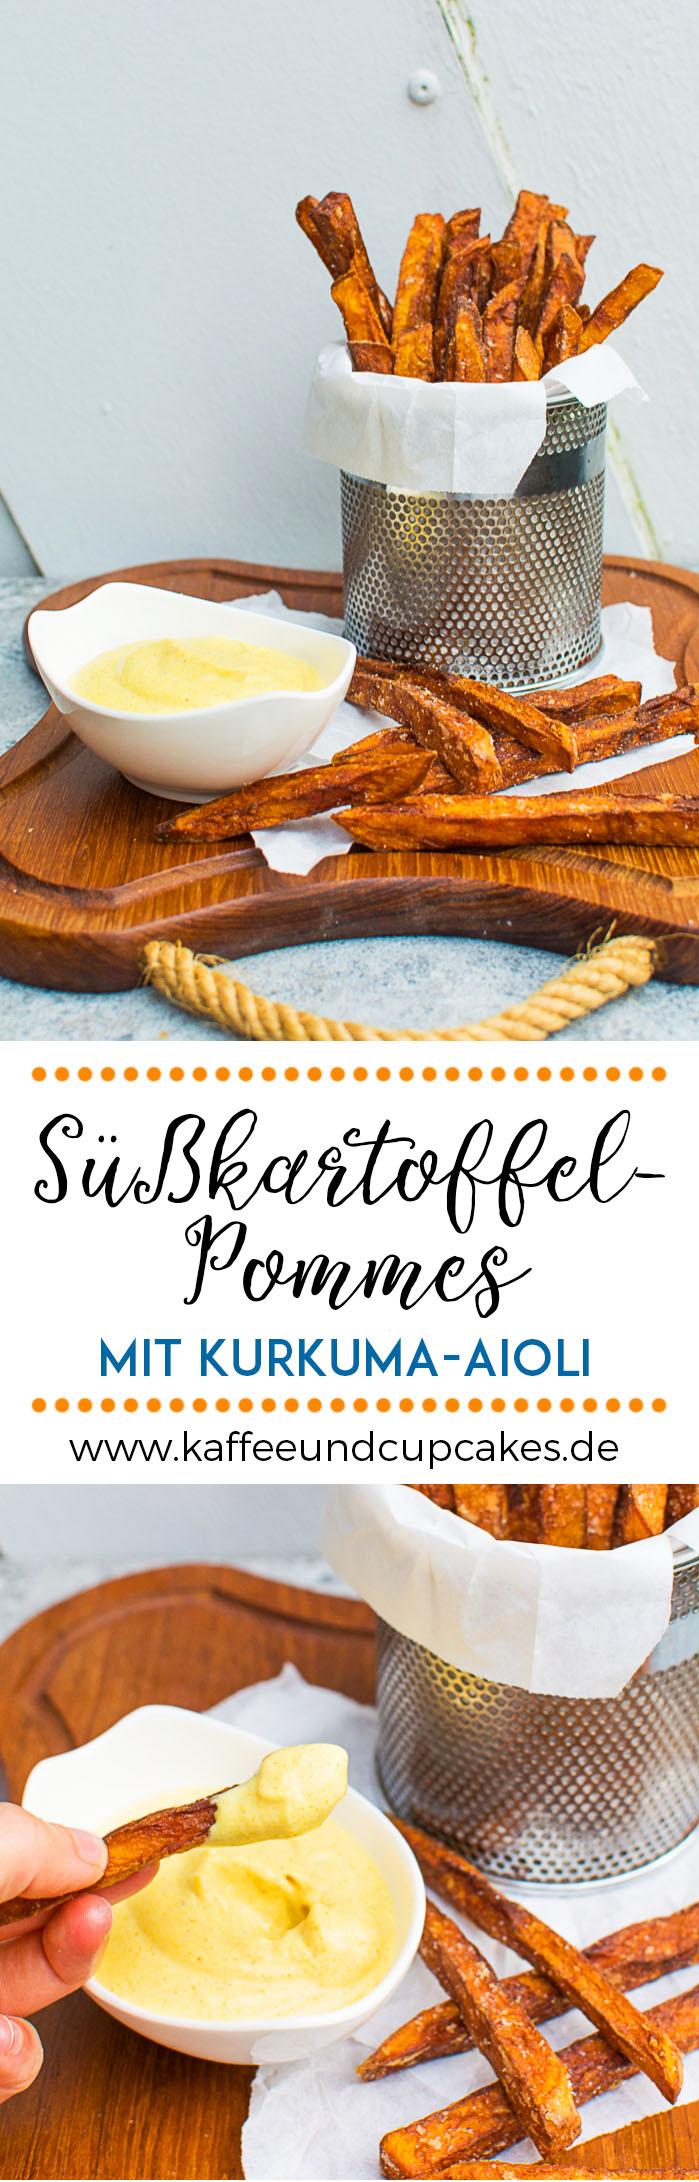 Frittierte Süßkartoffel-Pommes mit Kurkuma-Aioli